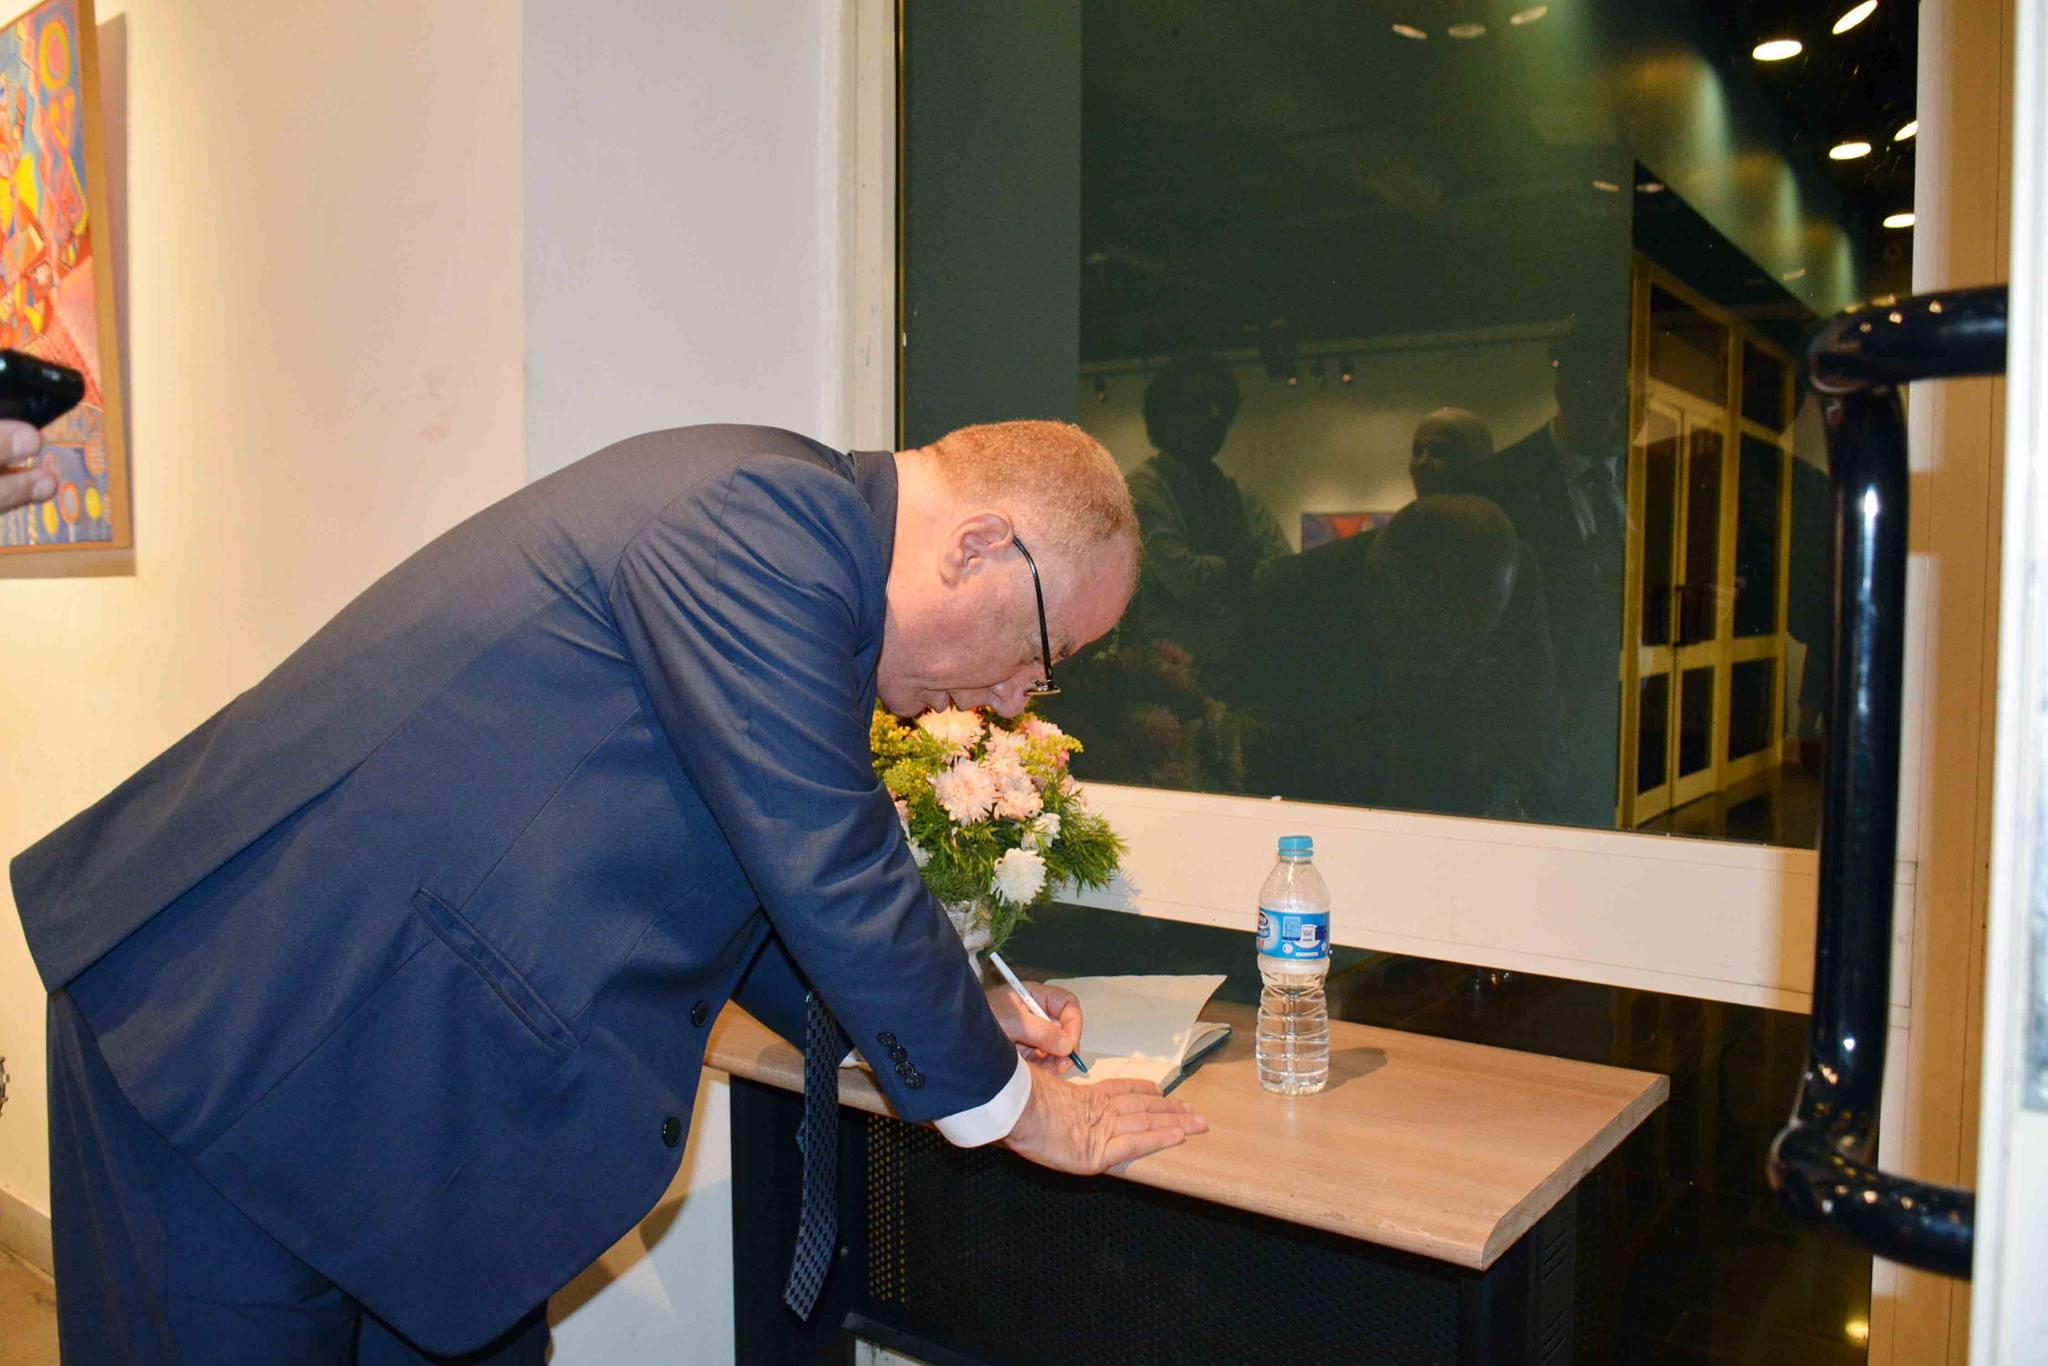 وزير الثقافة يتفقد معرض نجاة فاروق في الهناجر  (2)